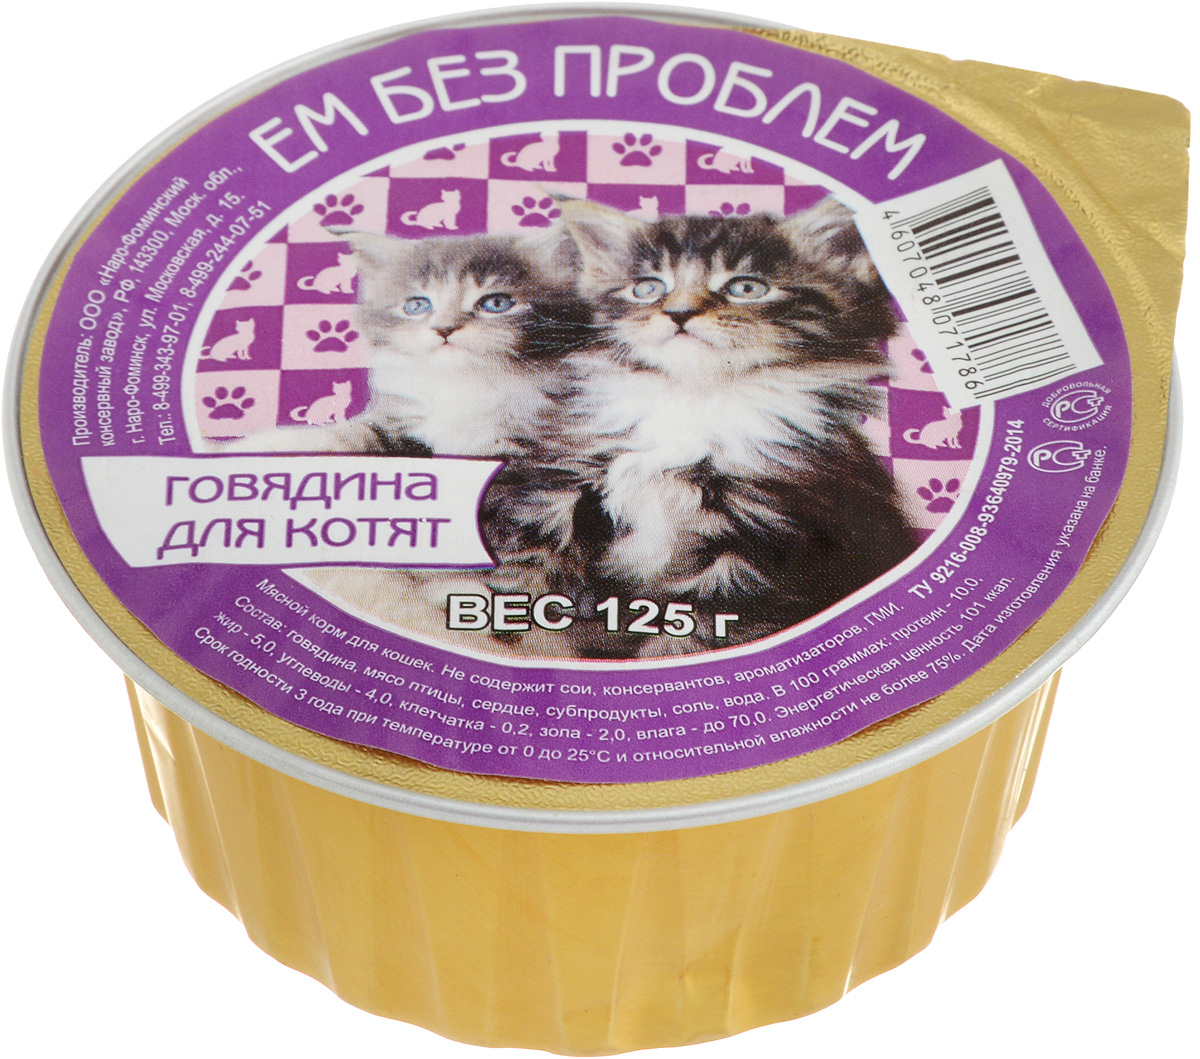 Консервы для котят Ем без проблем, с говядиной, 125 г0120710Консервы для котят Ем без проблем изготовлены из натурального российского мяса. Не содержат сои, консервантов, ароматизаторов и генномодифицированных продуктов. Консервы для котят представляют собой натуральный и абсолютно безвредный продукт, созданный с учетом потребностей маленького питомца. В сыром корме содержится только свежее мясо без вредных добавок. Благодаря натуральному составу консервированным кормам свойственно насыщение натуральными белками, которые нужны вашему щенку на этапе взросления и физического развития.Состав: говядина, мясо птицы, сердце, субпродукты, мука, соль. Пищевая ценность: протеин 10%, жир 5%, углеводы 4%, клетчатка 0,2%, зола 2%, влага до 70%.Вес: 125 г.Товар сертифицирован.